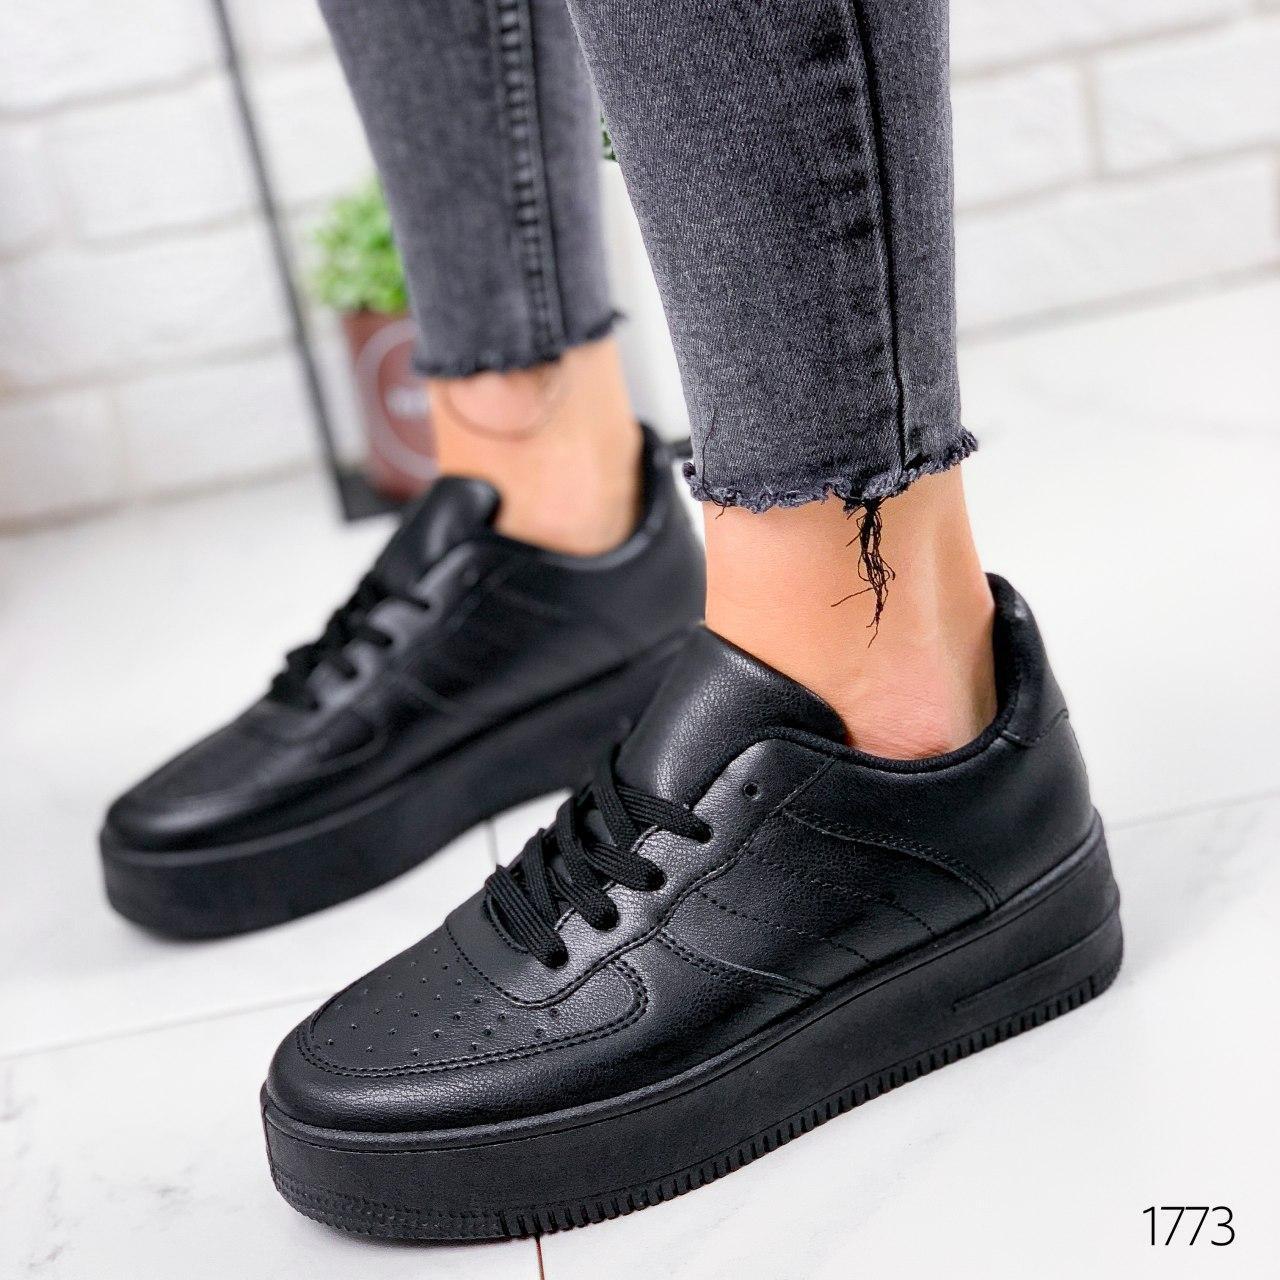 Кроссовки женские черные на платформе в стиле Nike из эко кожи. Кросівки жіночі чорні на платформі